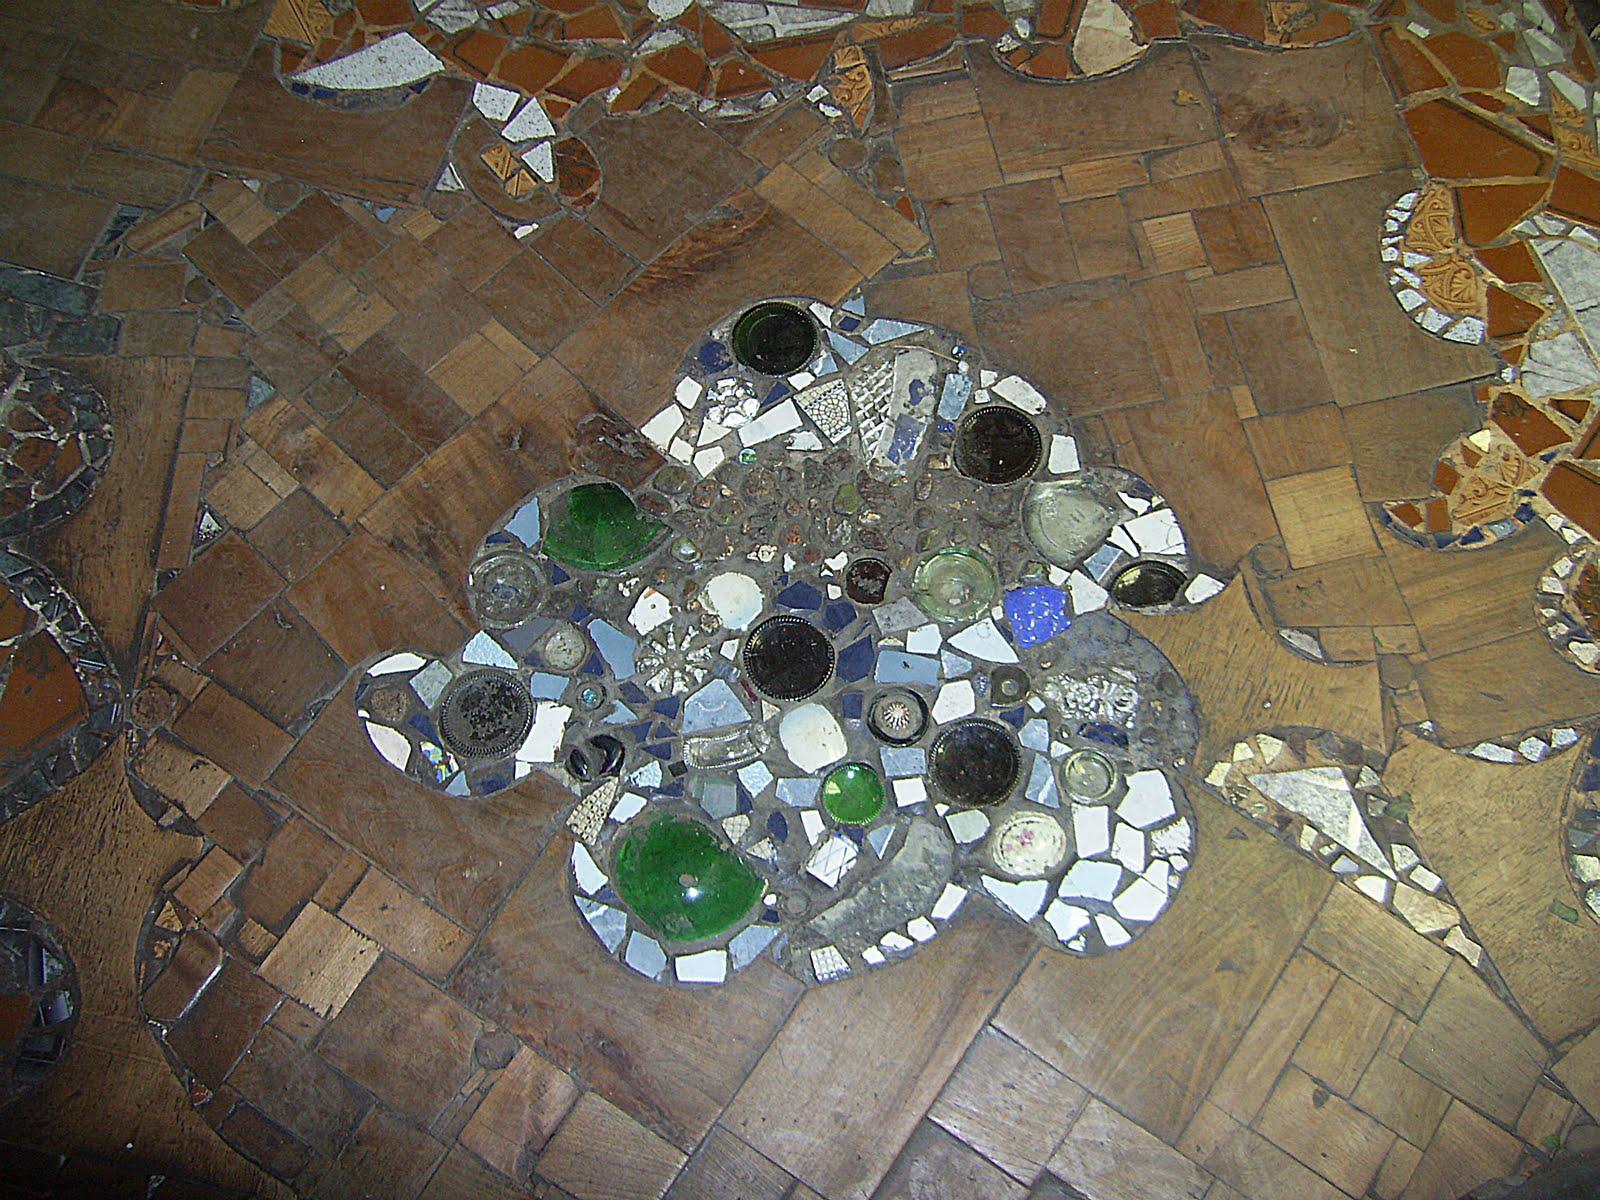 El lunar de shiva pisos de mosaico y madera - Mosaico de madera ...